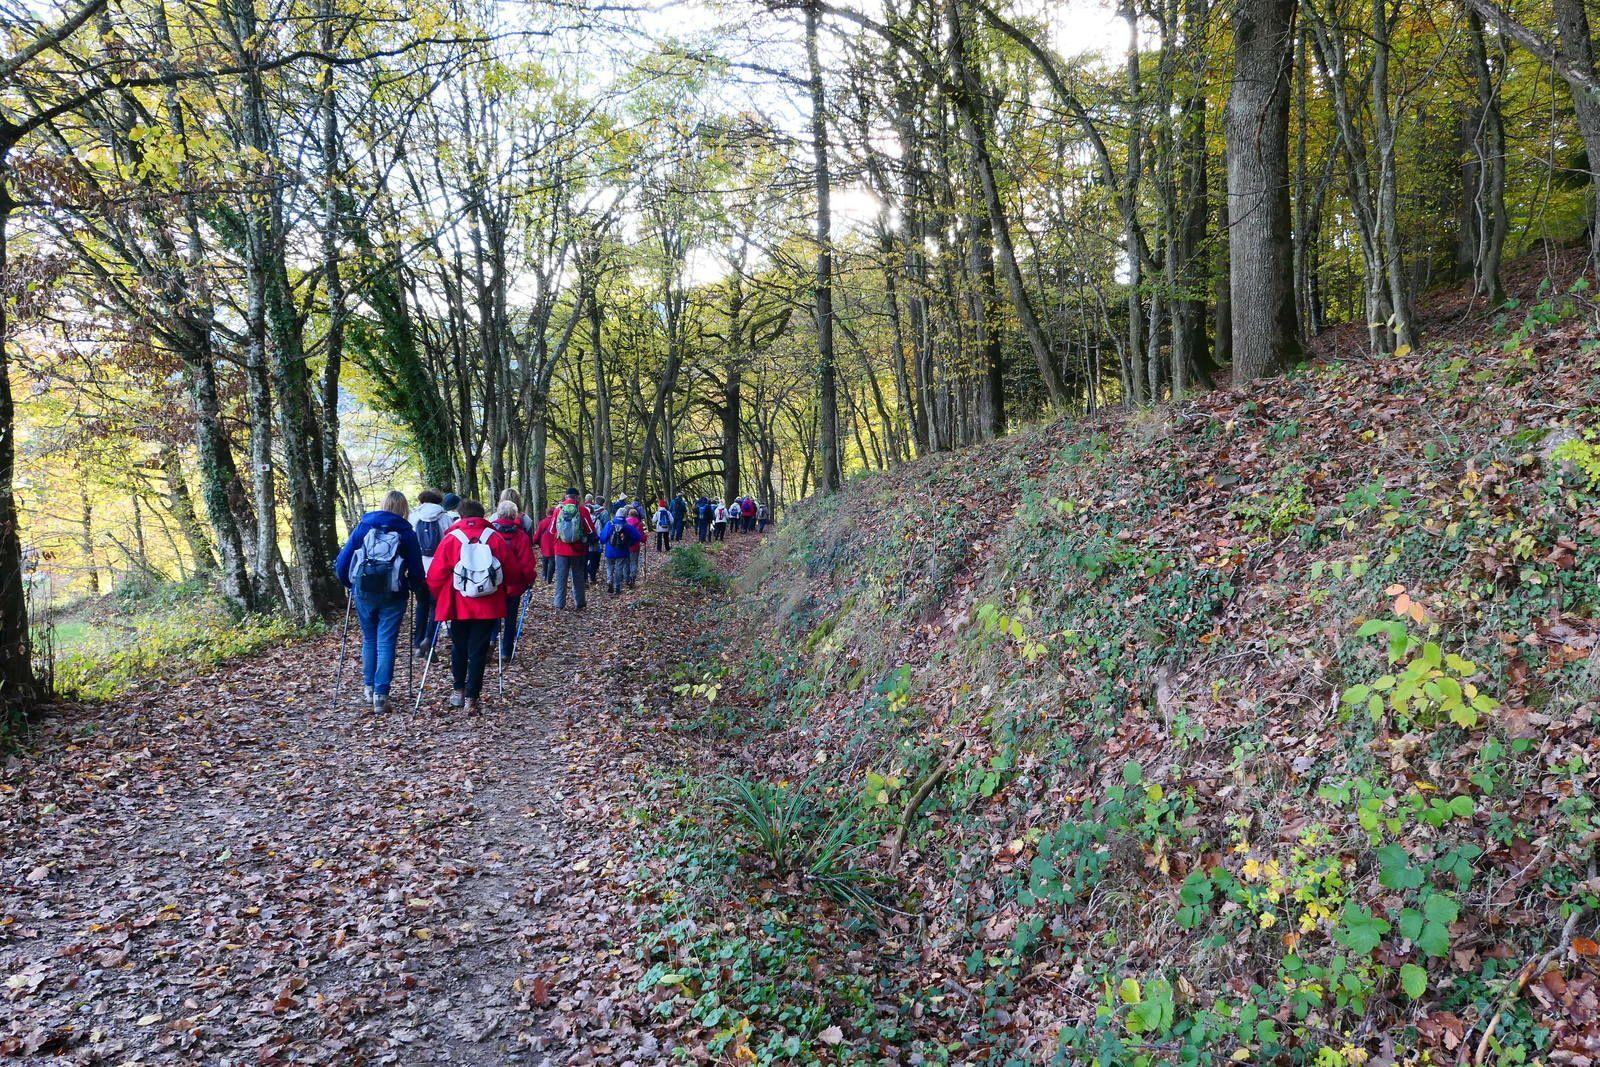 Sortie séniors c'était le 13 novembre 2019 de Soultzmatt à Wintzfelden